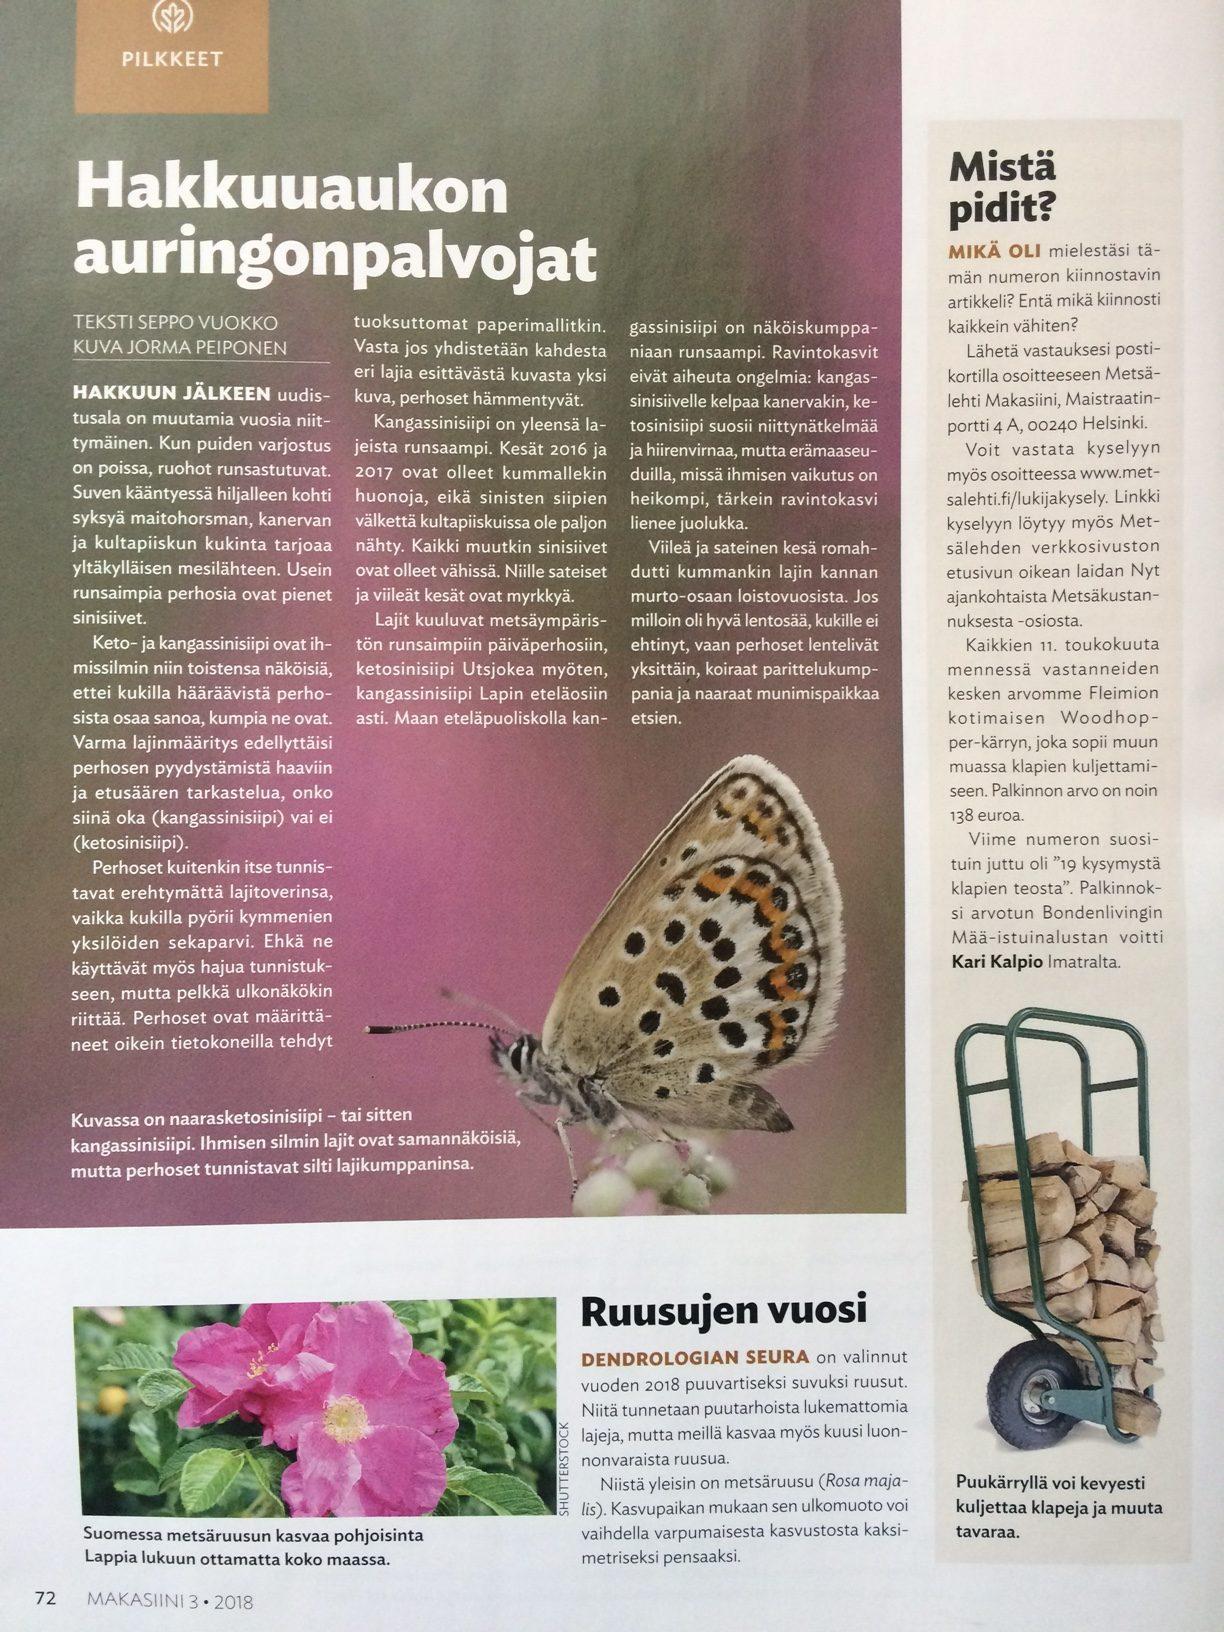 fleimio woodhopper in Metsälehti makasiini 042018